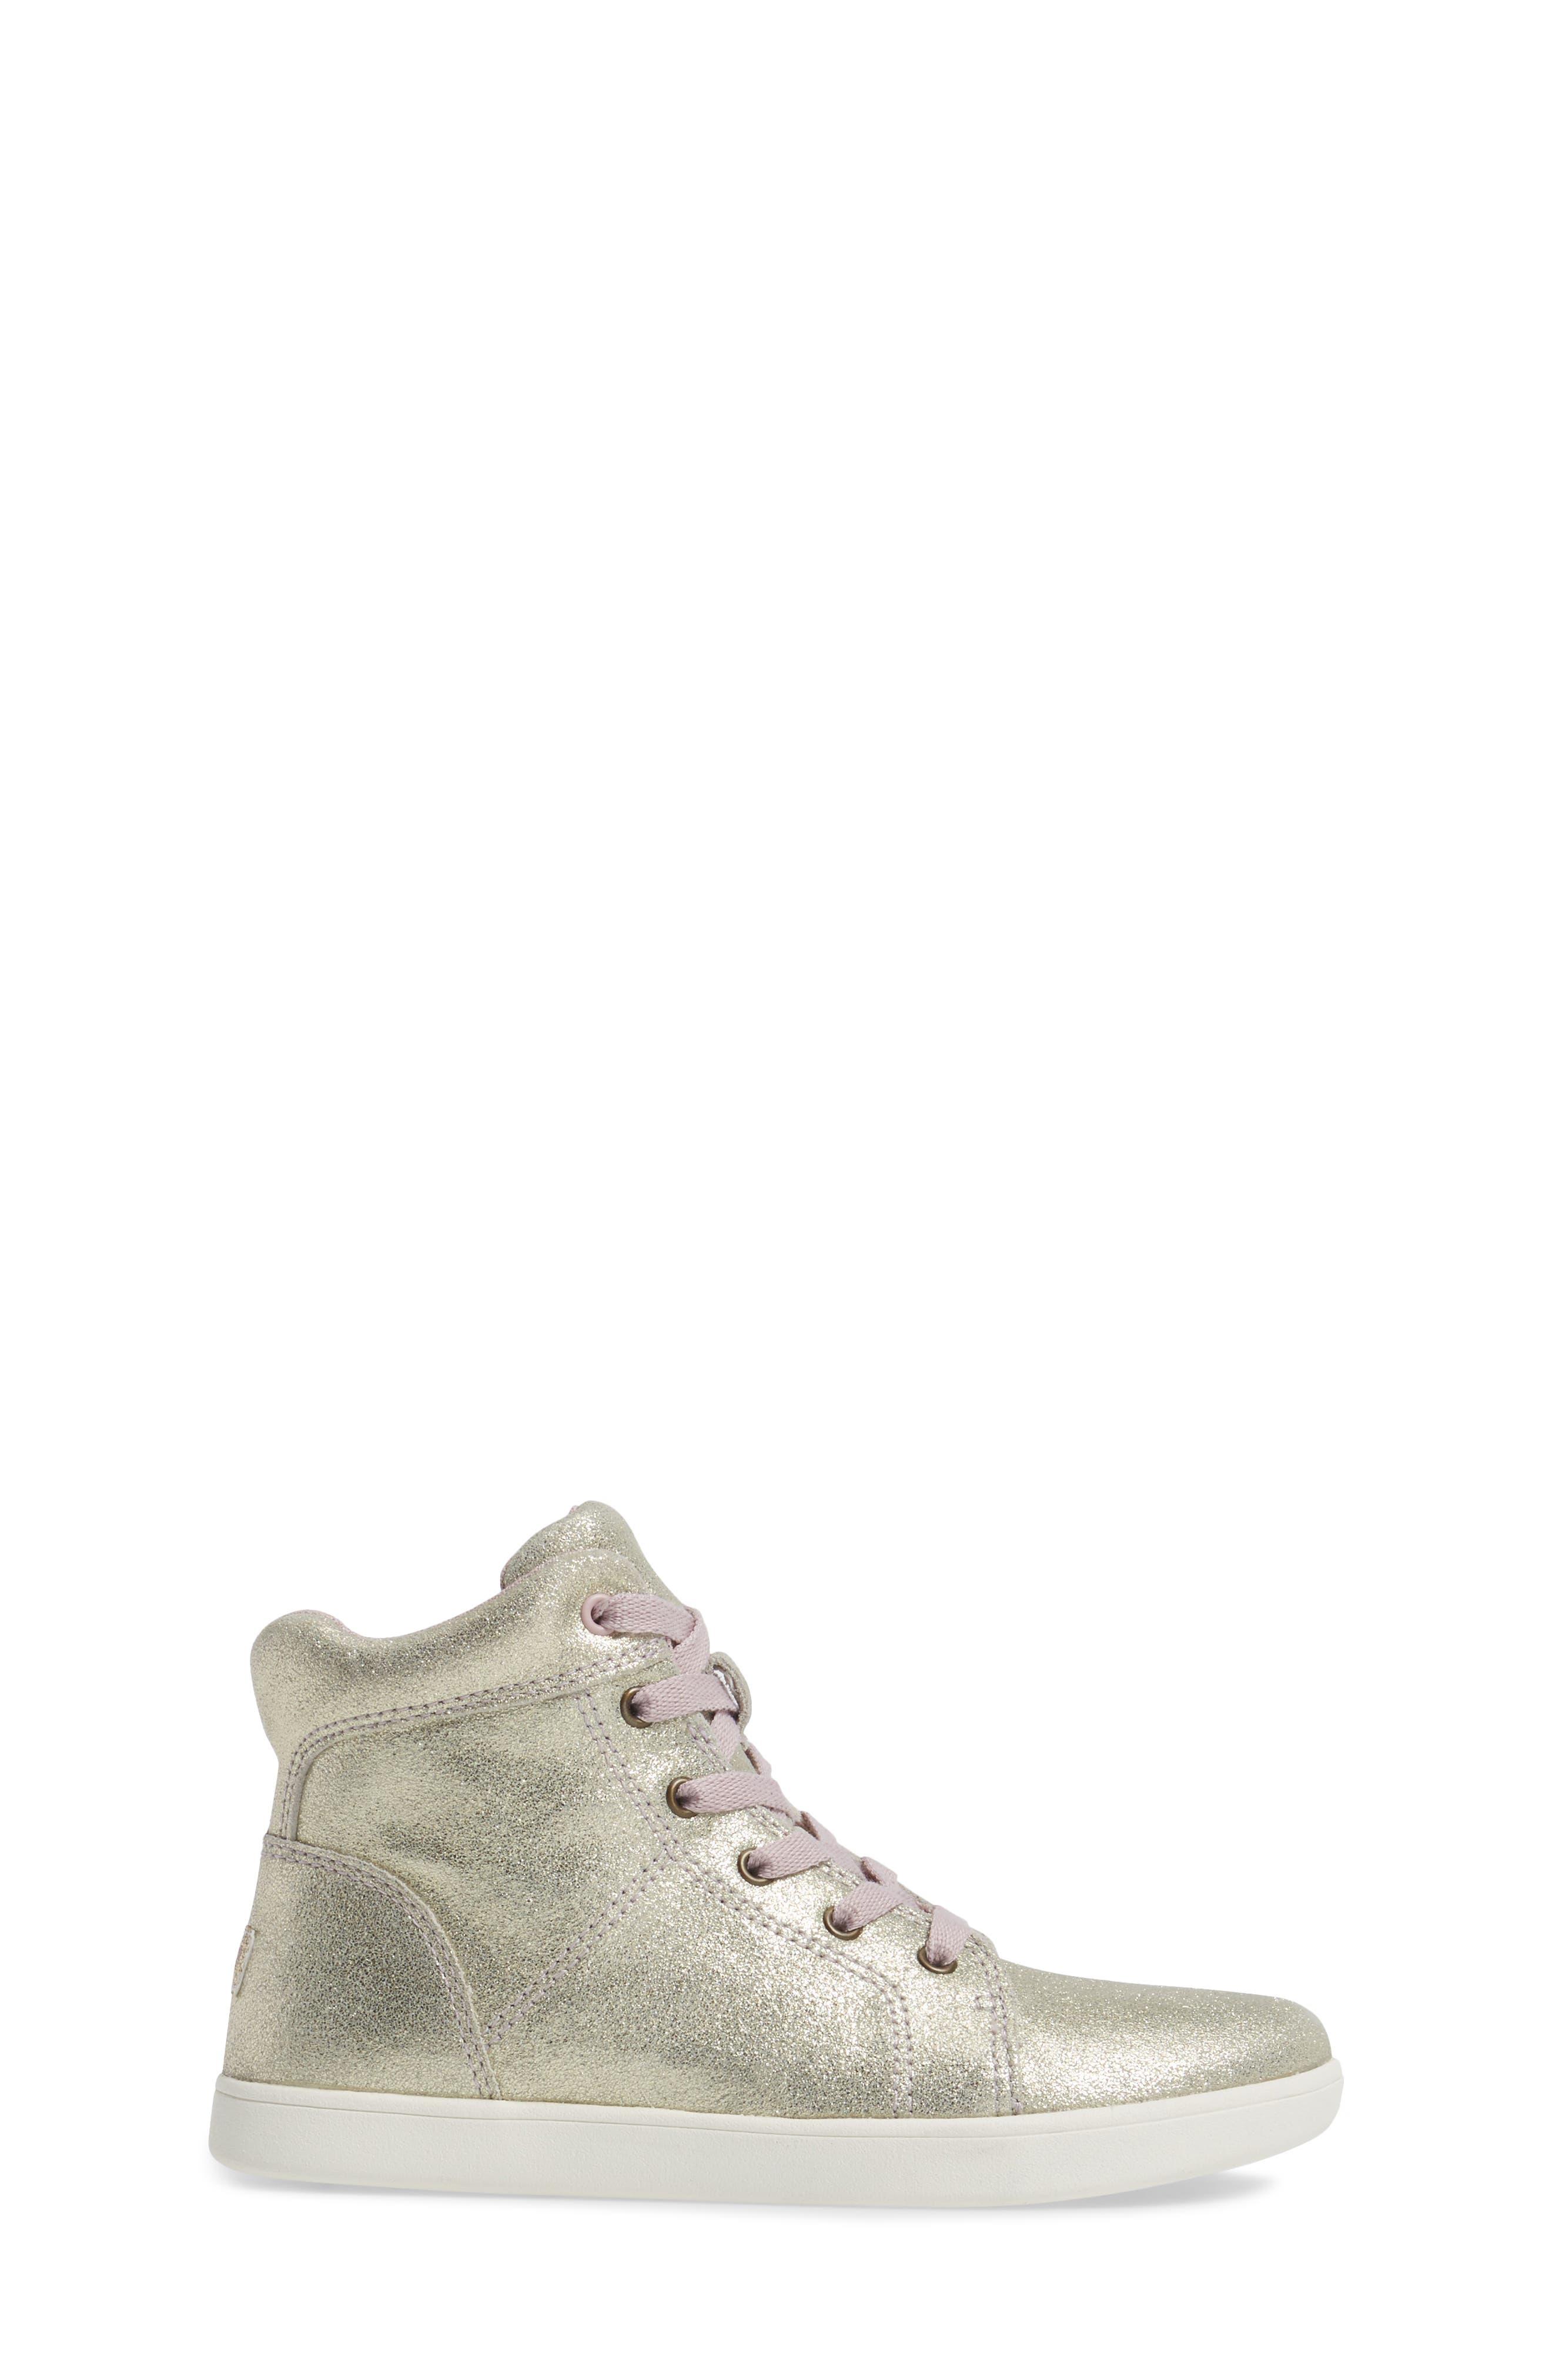 Schyler Metallic High Top Sneaker,                             Alternate thumbnail 3, color,                             Gold